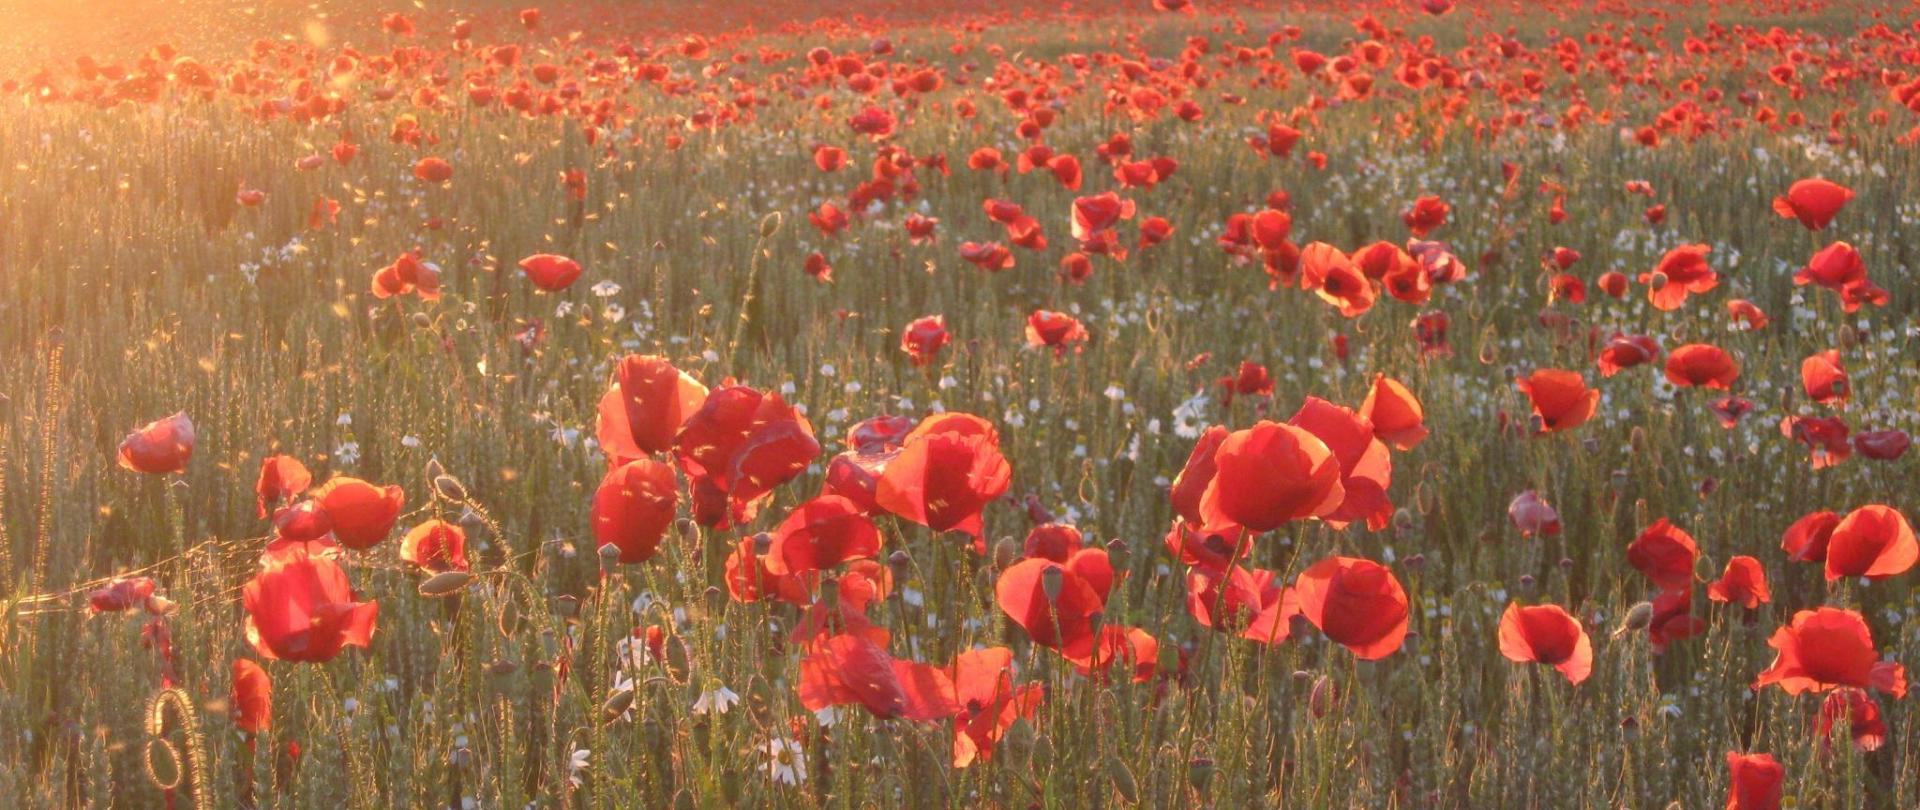 poppy-897741.jpg